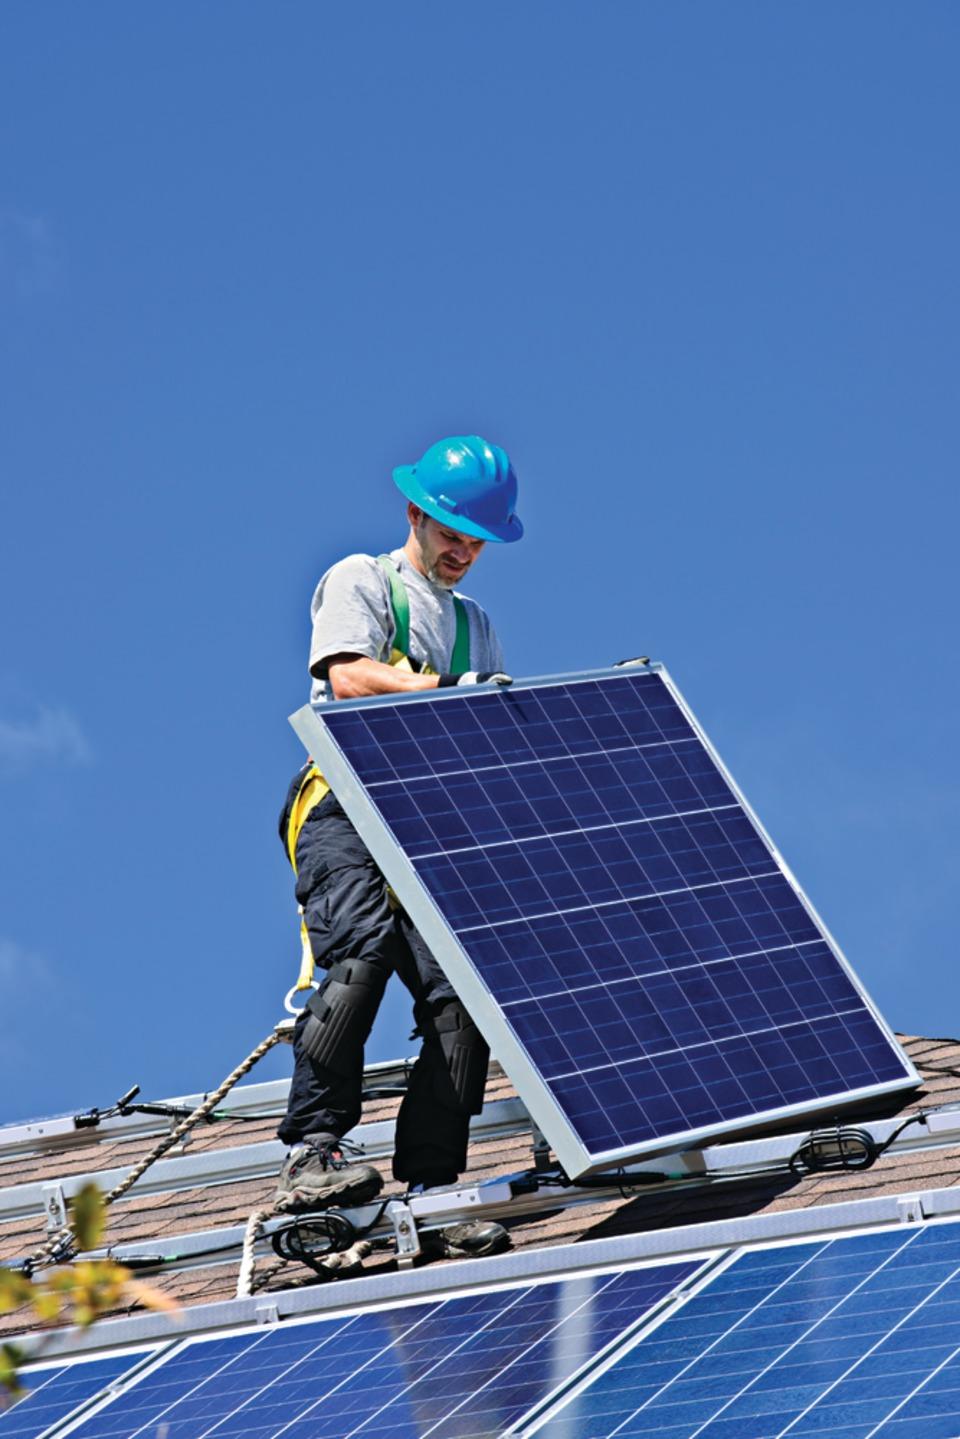 Energías renovables: Reactivadoras de la economía